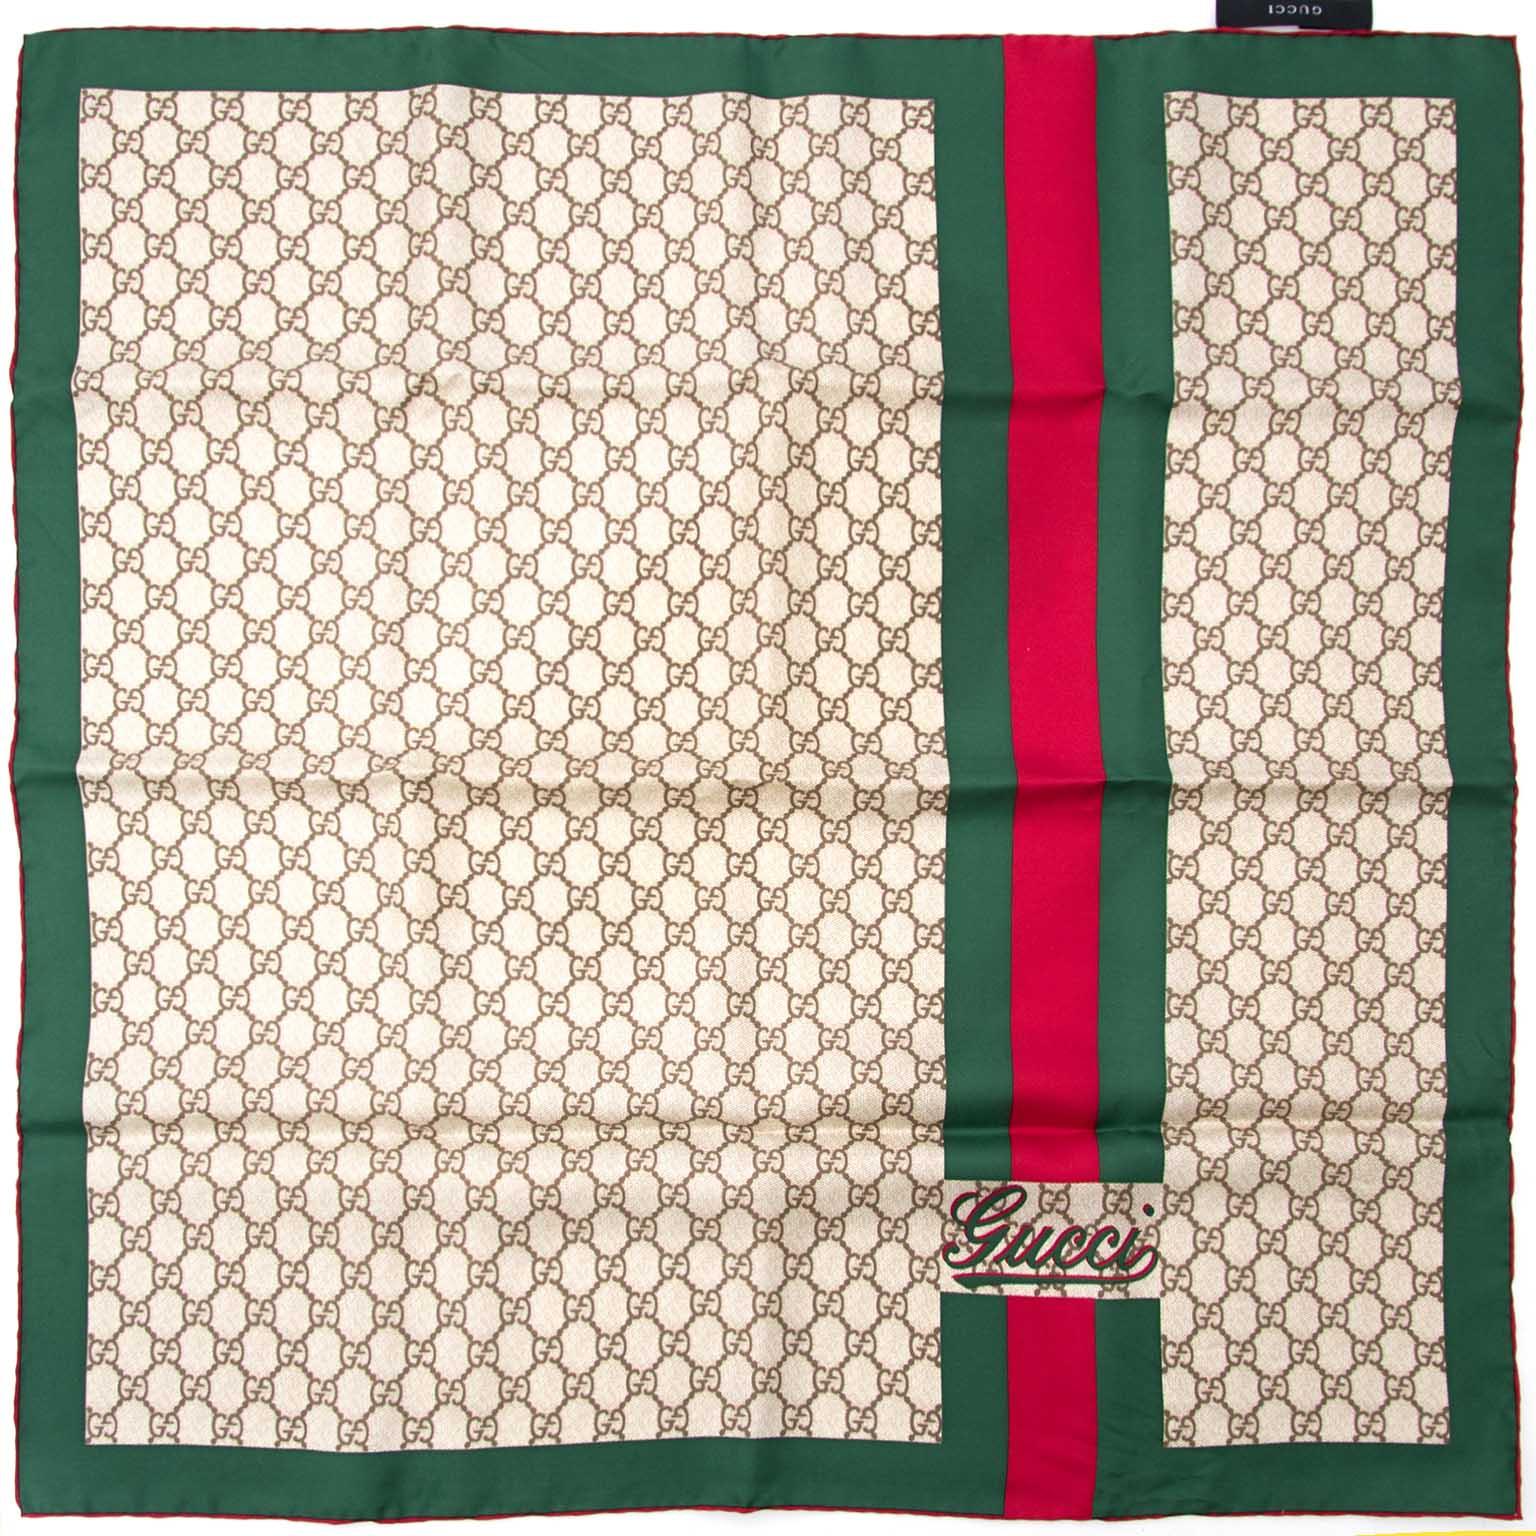 Acheter un Gucci Red Green Monogram Scarf en ligne chez Labellov.com.